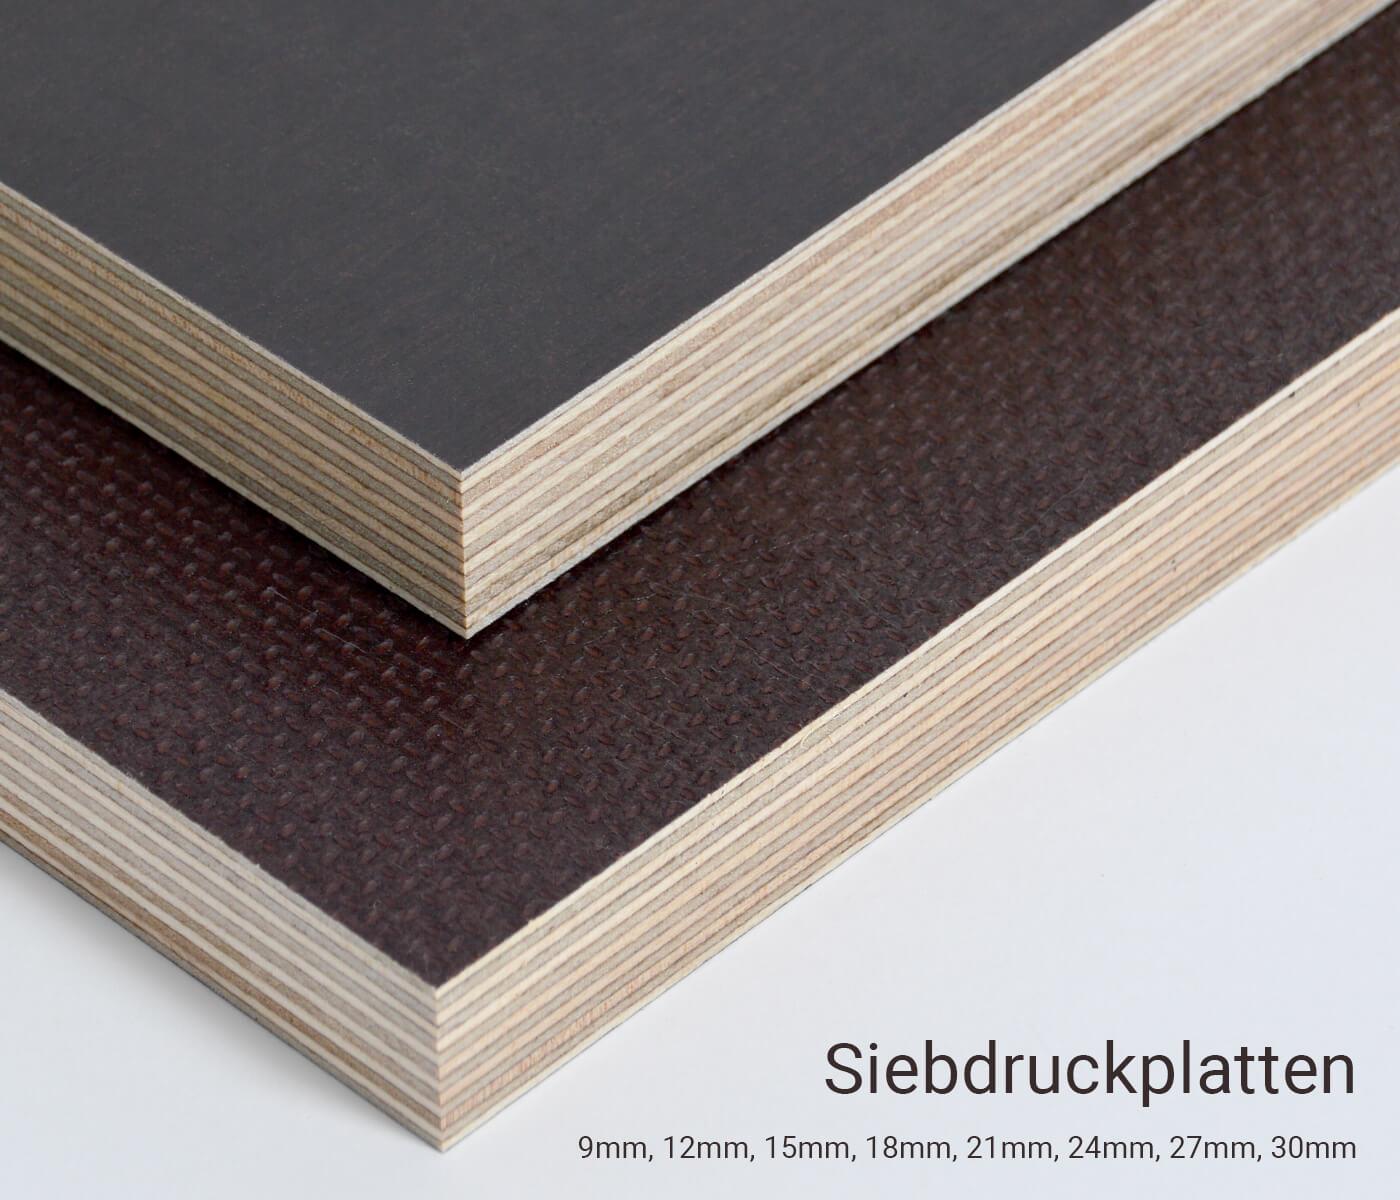 Art.nr 992-115 900 x 250 x 12 mm 12mm Siebdruckplatten Zuschnitt 90 x 25 cm B-Ware Multiplexplatte beschichtet unbehandelt Restposten verschiedene Gr/ö/ßen und St/ärken zur Auswahl